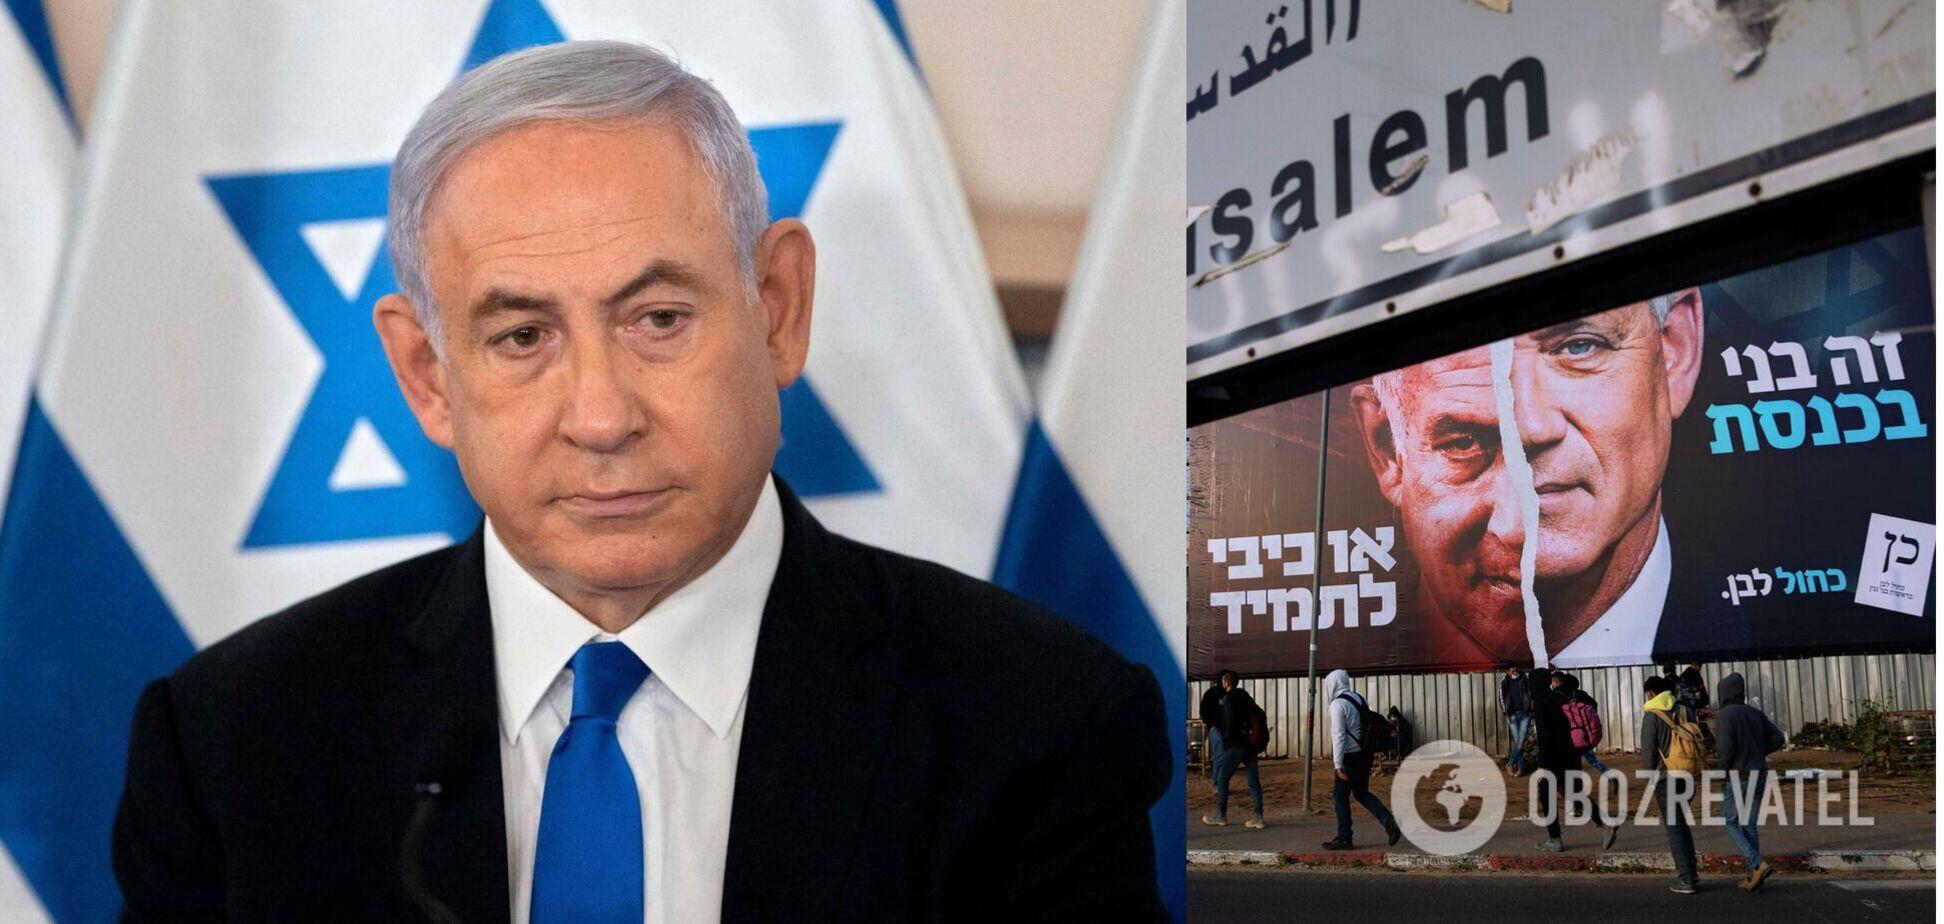 В Израиле оппозиция объявила о создании коалиции без Нетаньяху